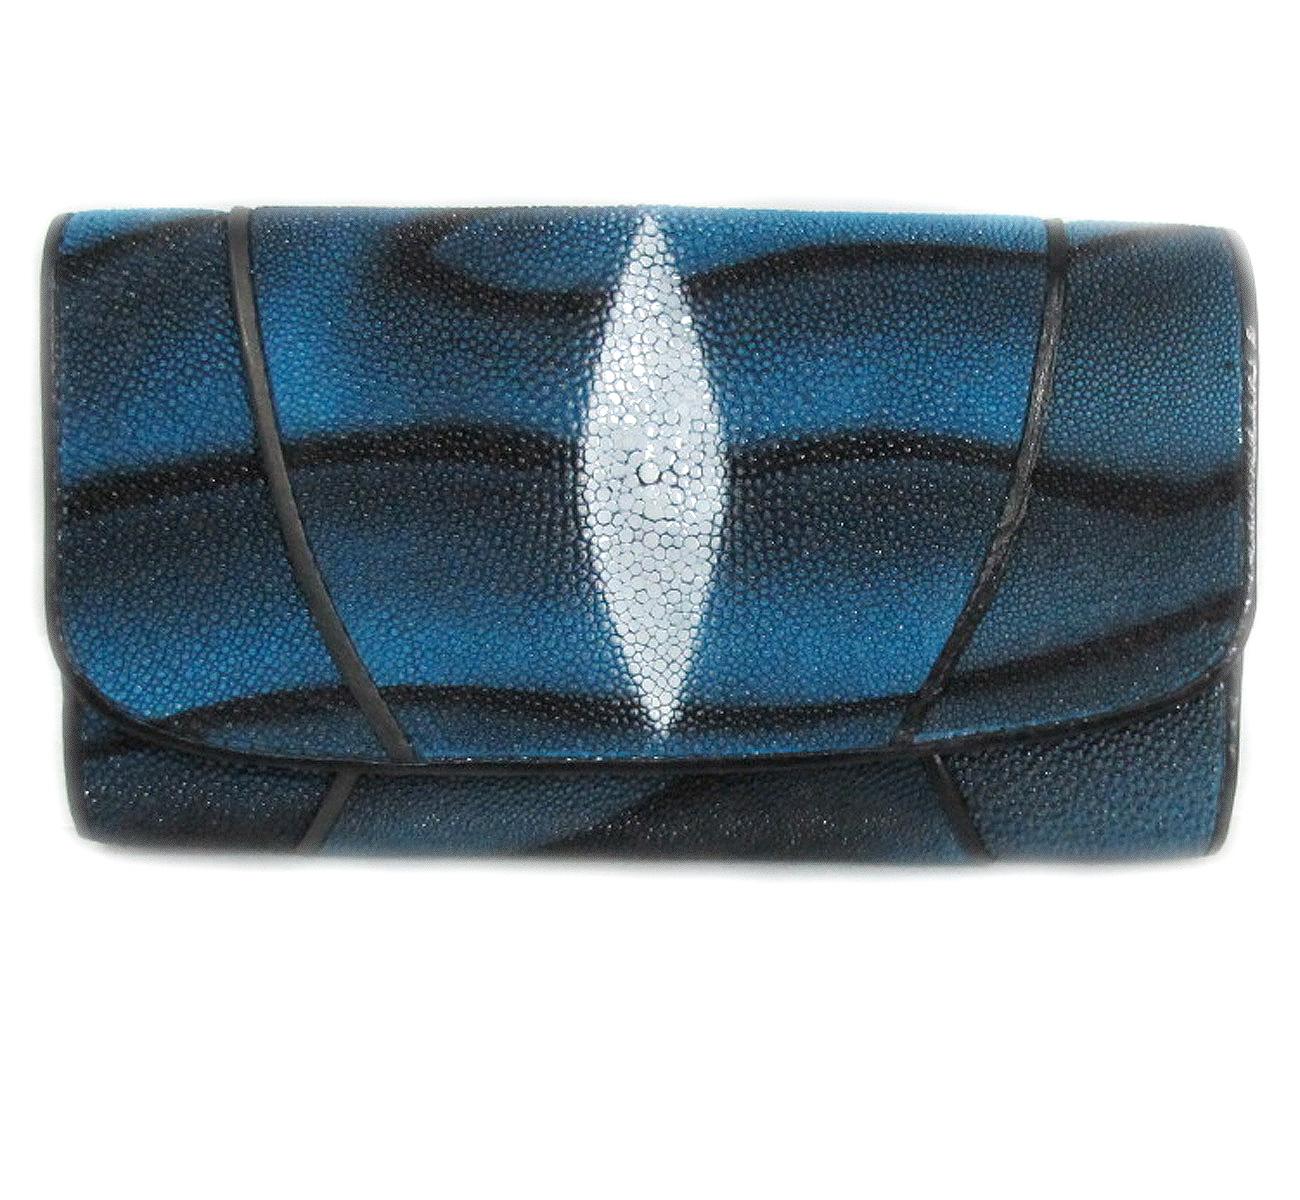 กระเป๋าสตางค์ปลากระเบน แบบ 3 พับ เม็ดใหญ่ ลวดลาย คลื่นน้ำ สีน้ำเงิน และตัดด้วยสีดำ คุ้มค่า เพราะมีช่องใส่บัตรต่าง ๆหลายช่อง Line id : 0853457150